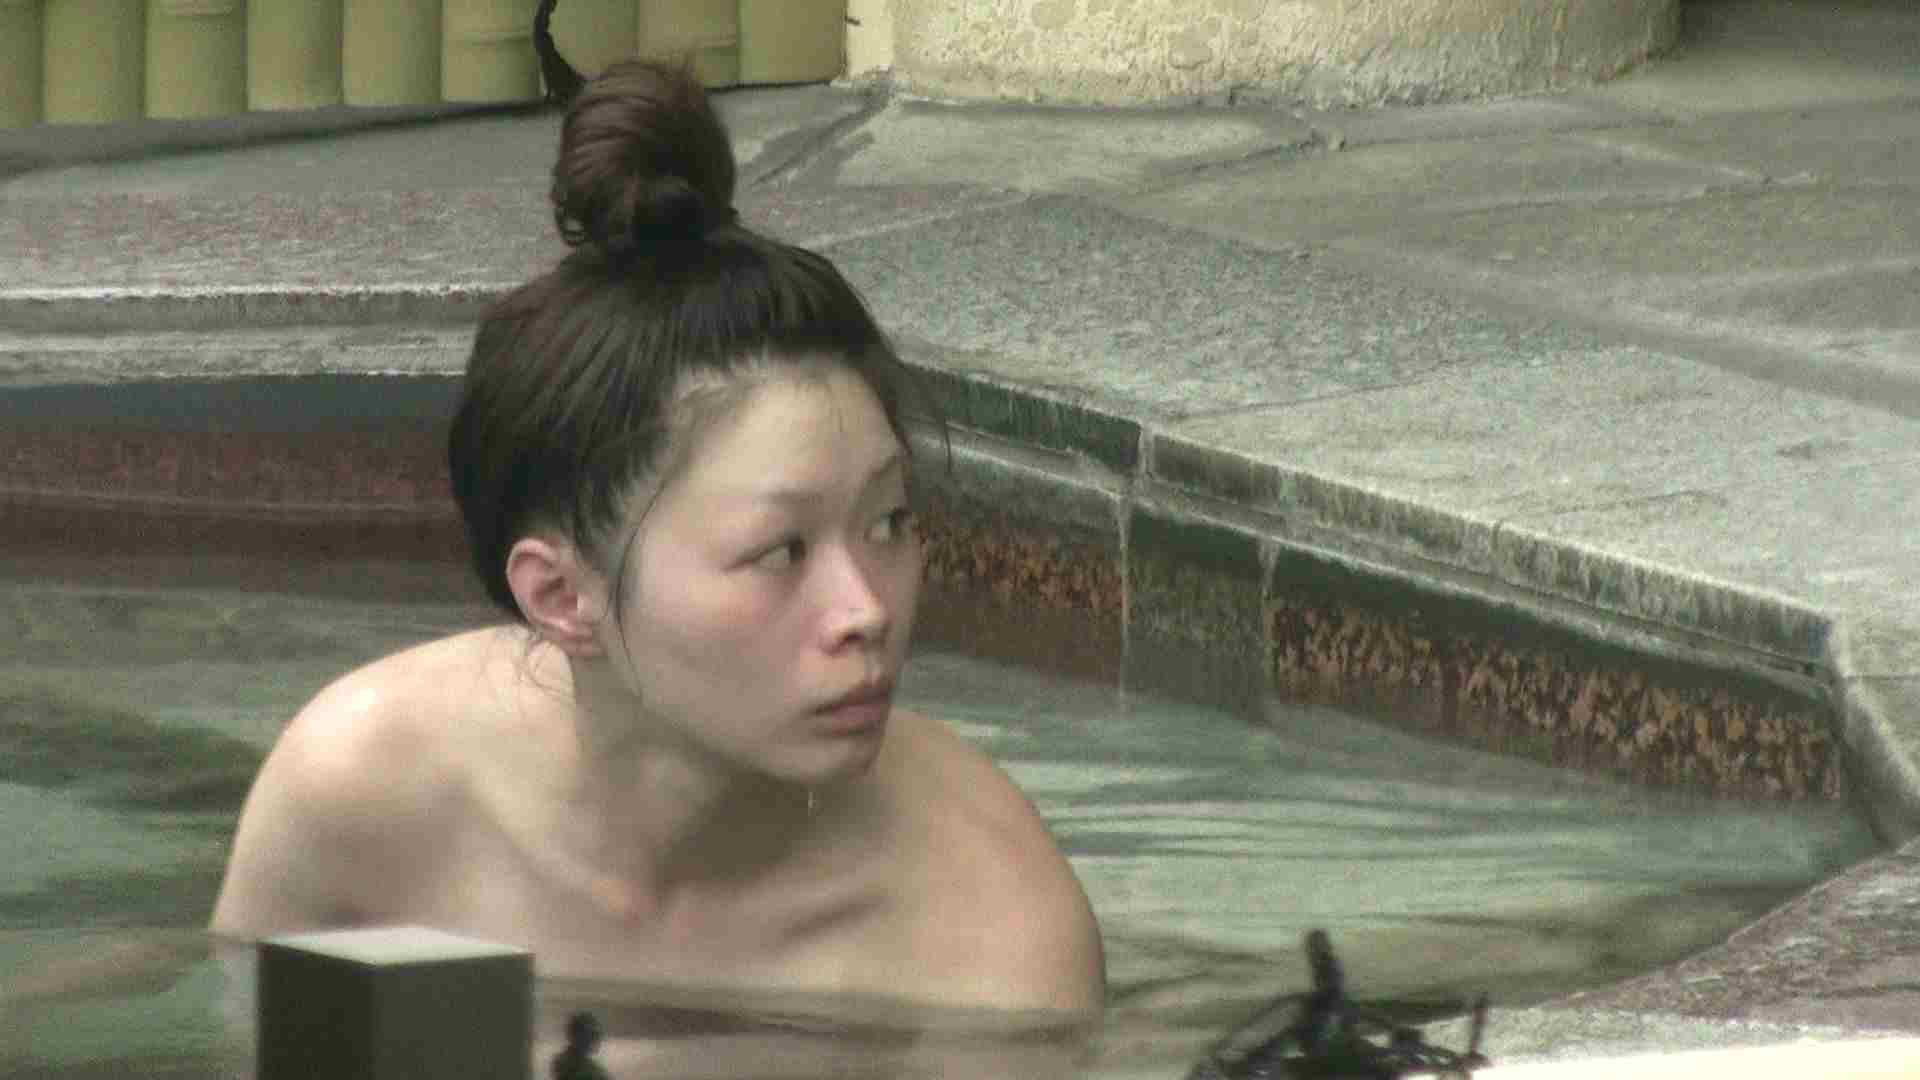 Aquaな露天風呂Vol.189 OL女体 盗撮動画紹介 80連発 20